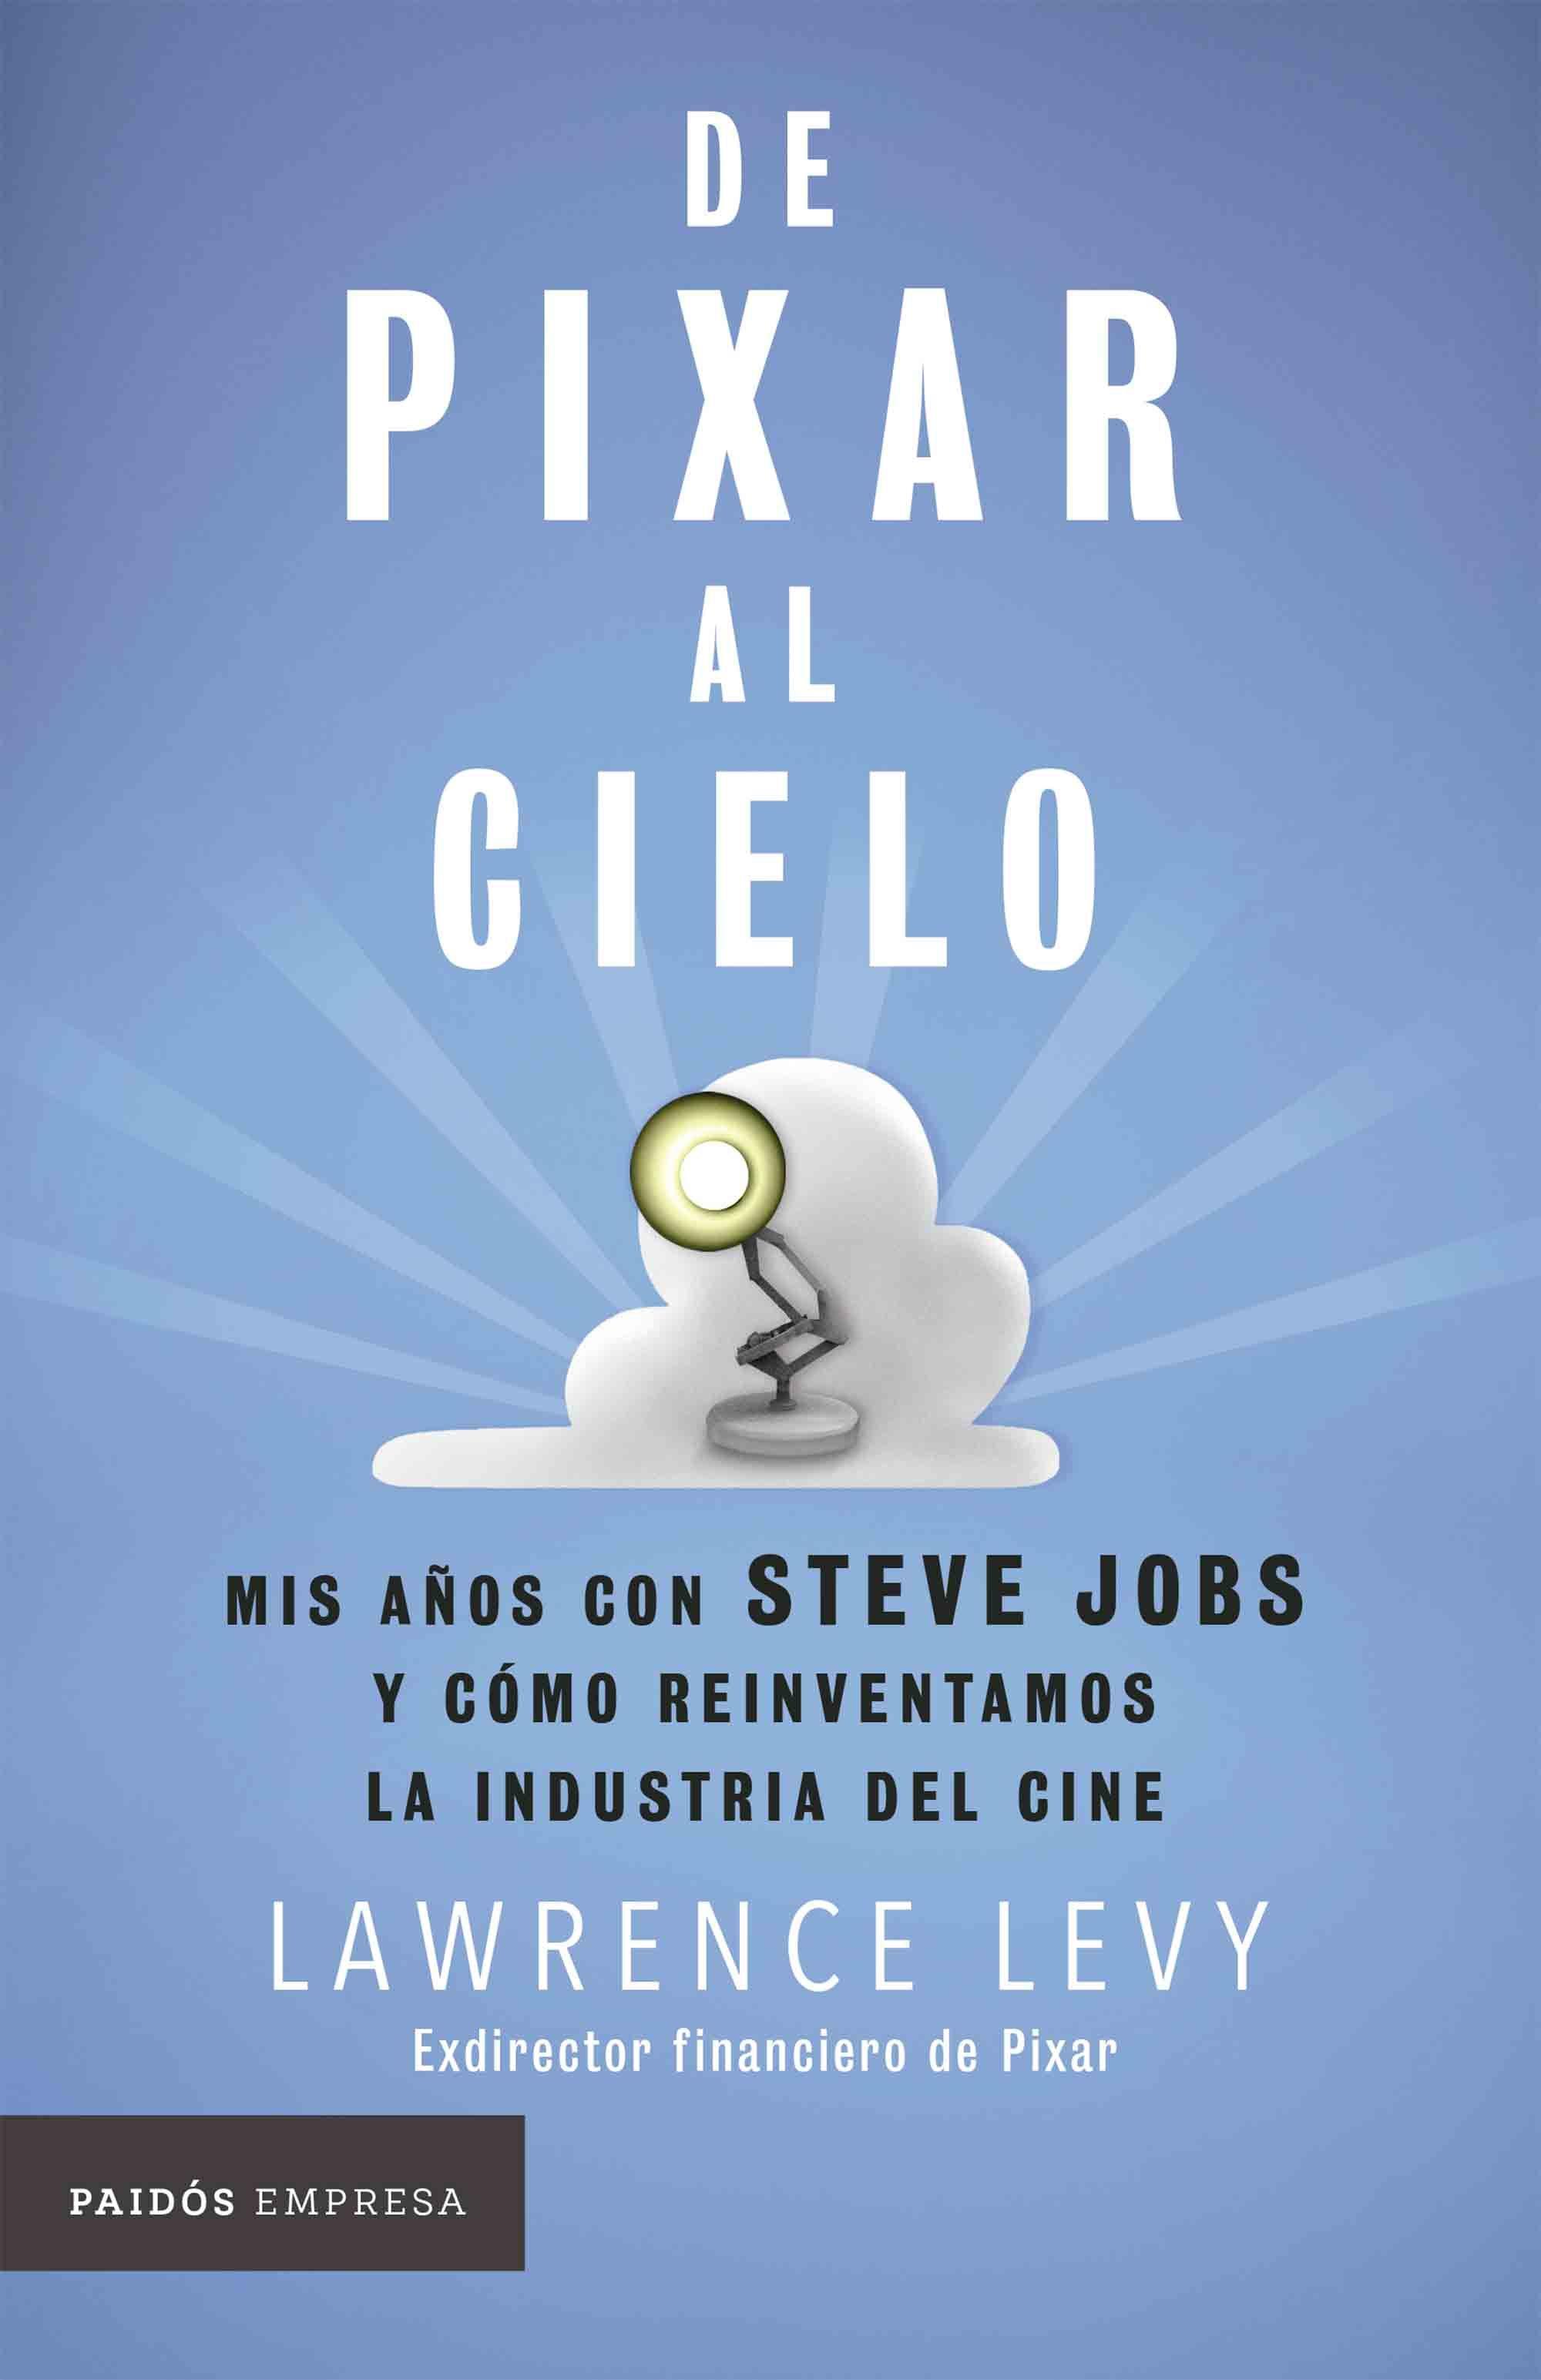 De Pixar al Cielo. Mis Años con Steve Jobs y Cómo Reinventamos la Industria del Cine - Lawrence Levy - Paidos